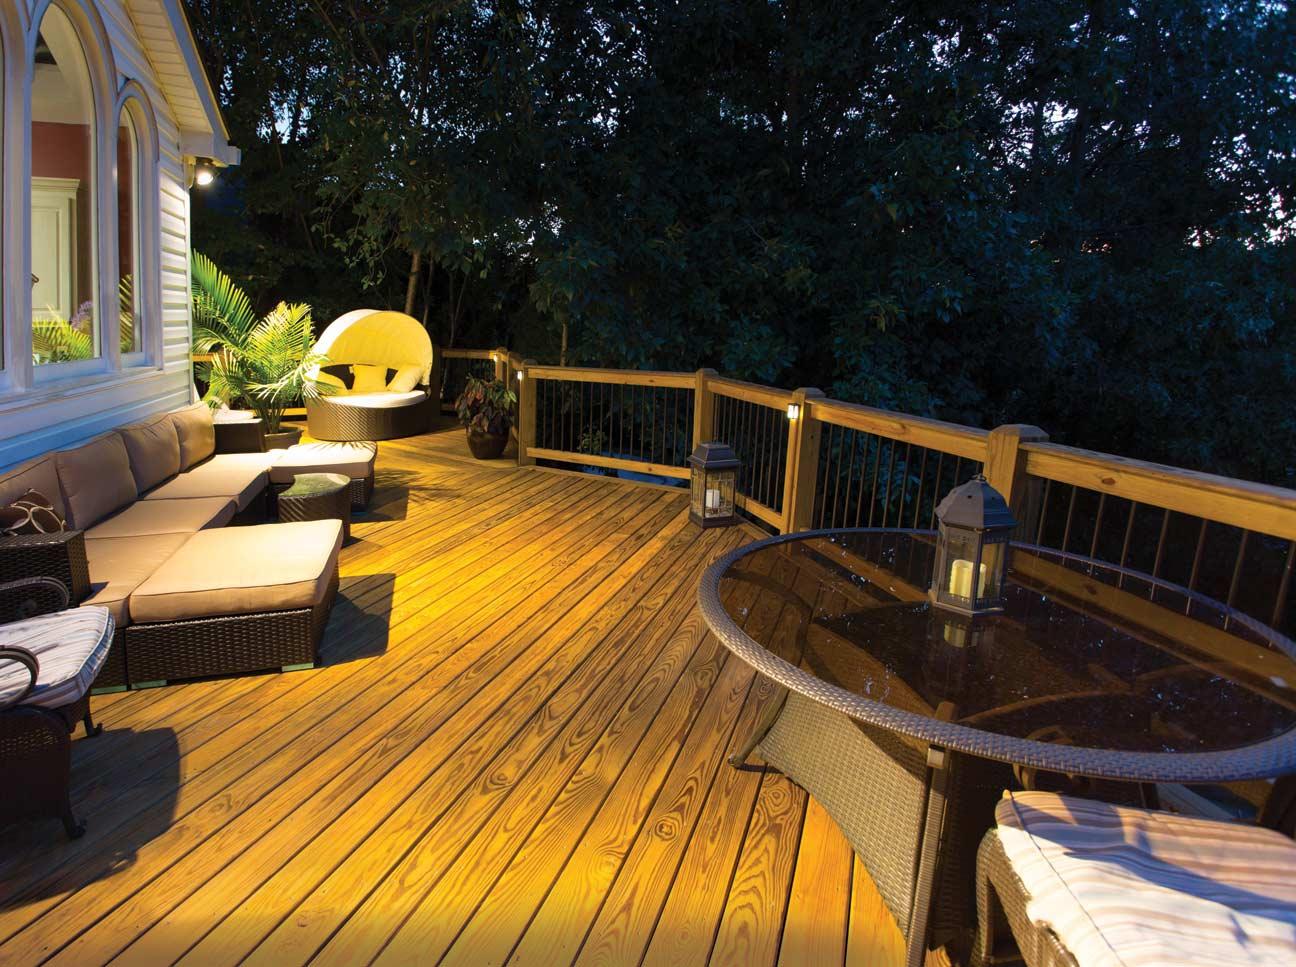 modular home wrap around deck joy studio design gallery 25 best ideas about wrap around deck on pinterest